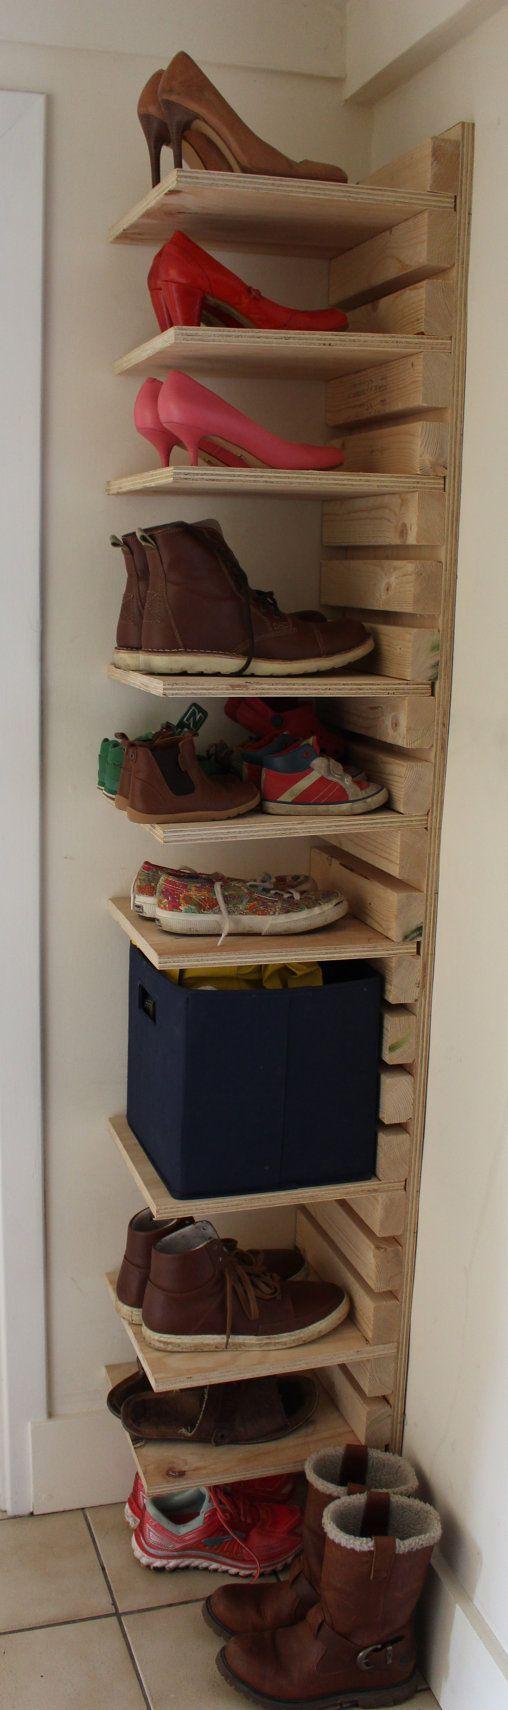 Best 25 Wooden Shoe Ideas On Pinterest Wooden Shoe